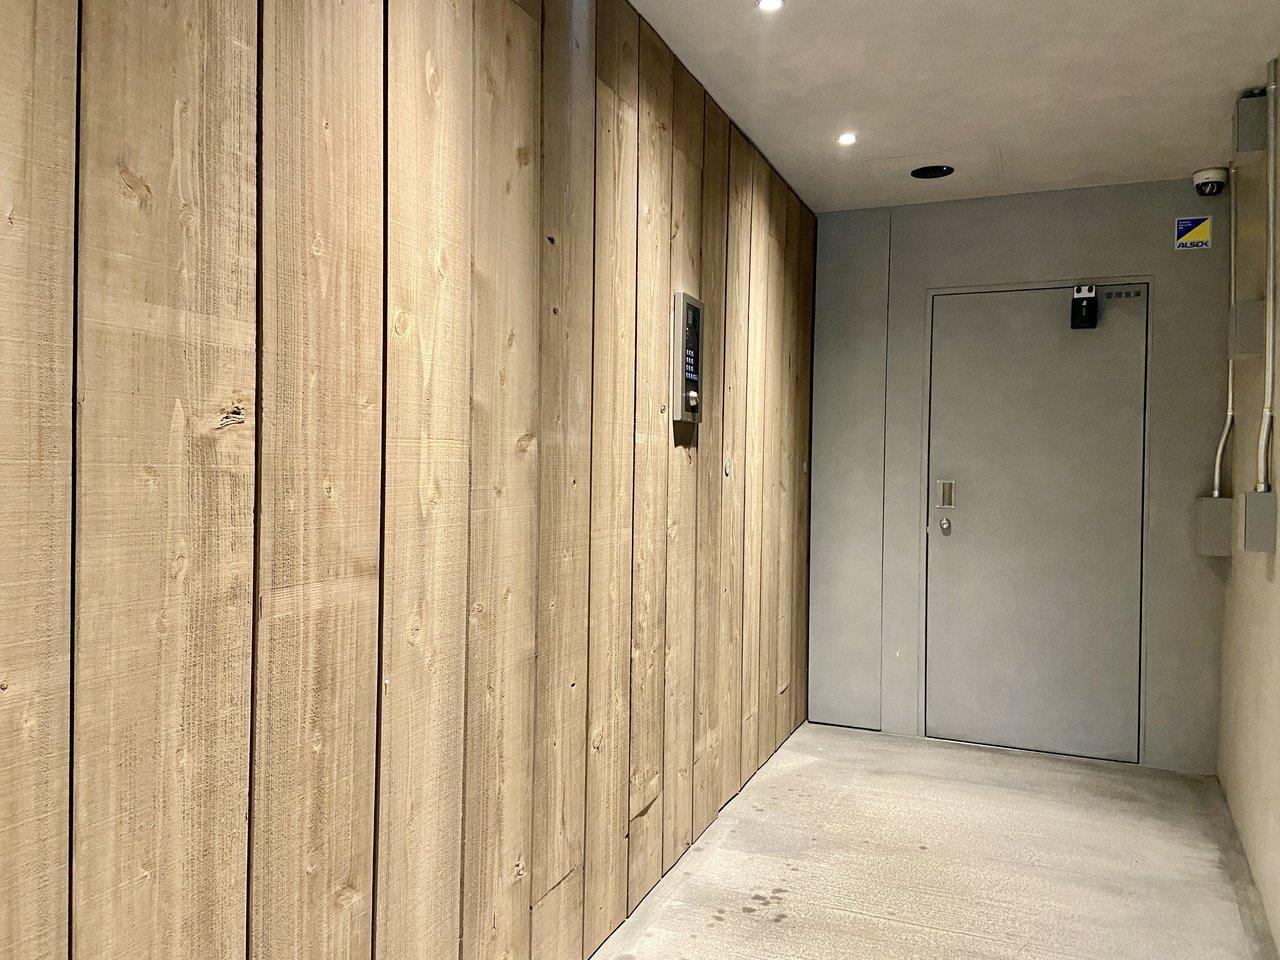 エントランスは、自動ドアまで木材!安心なオートロックやモニタ付きドアホン、防犯カメラ、ネットショッピングに便利な宅配ボックスも設置されています。